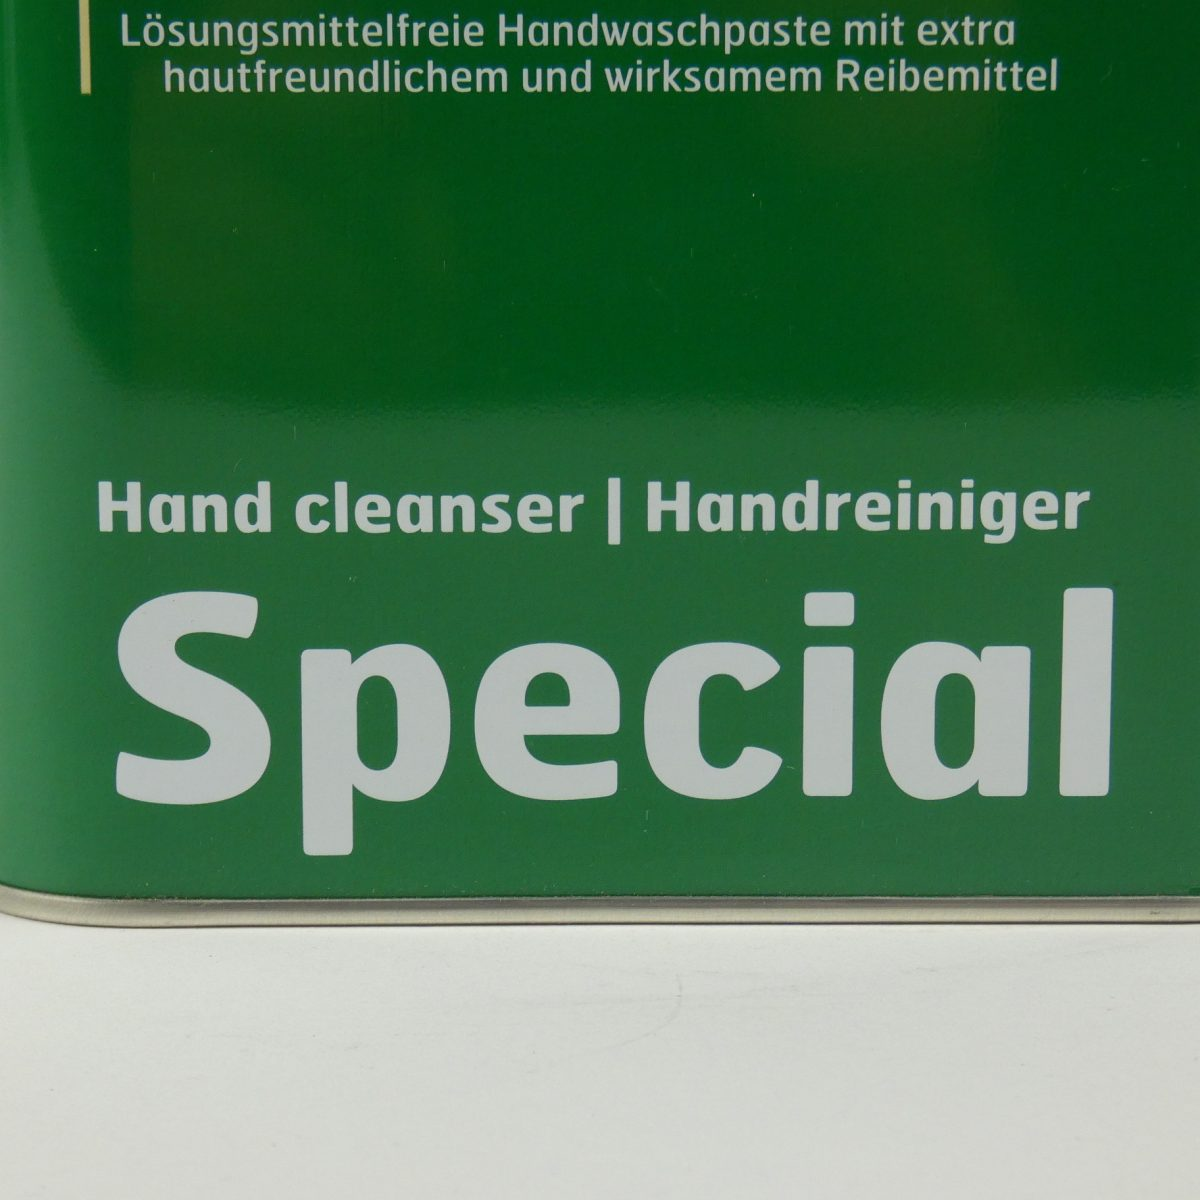 Special handzeep Drachten & Oosterwolde